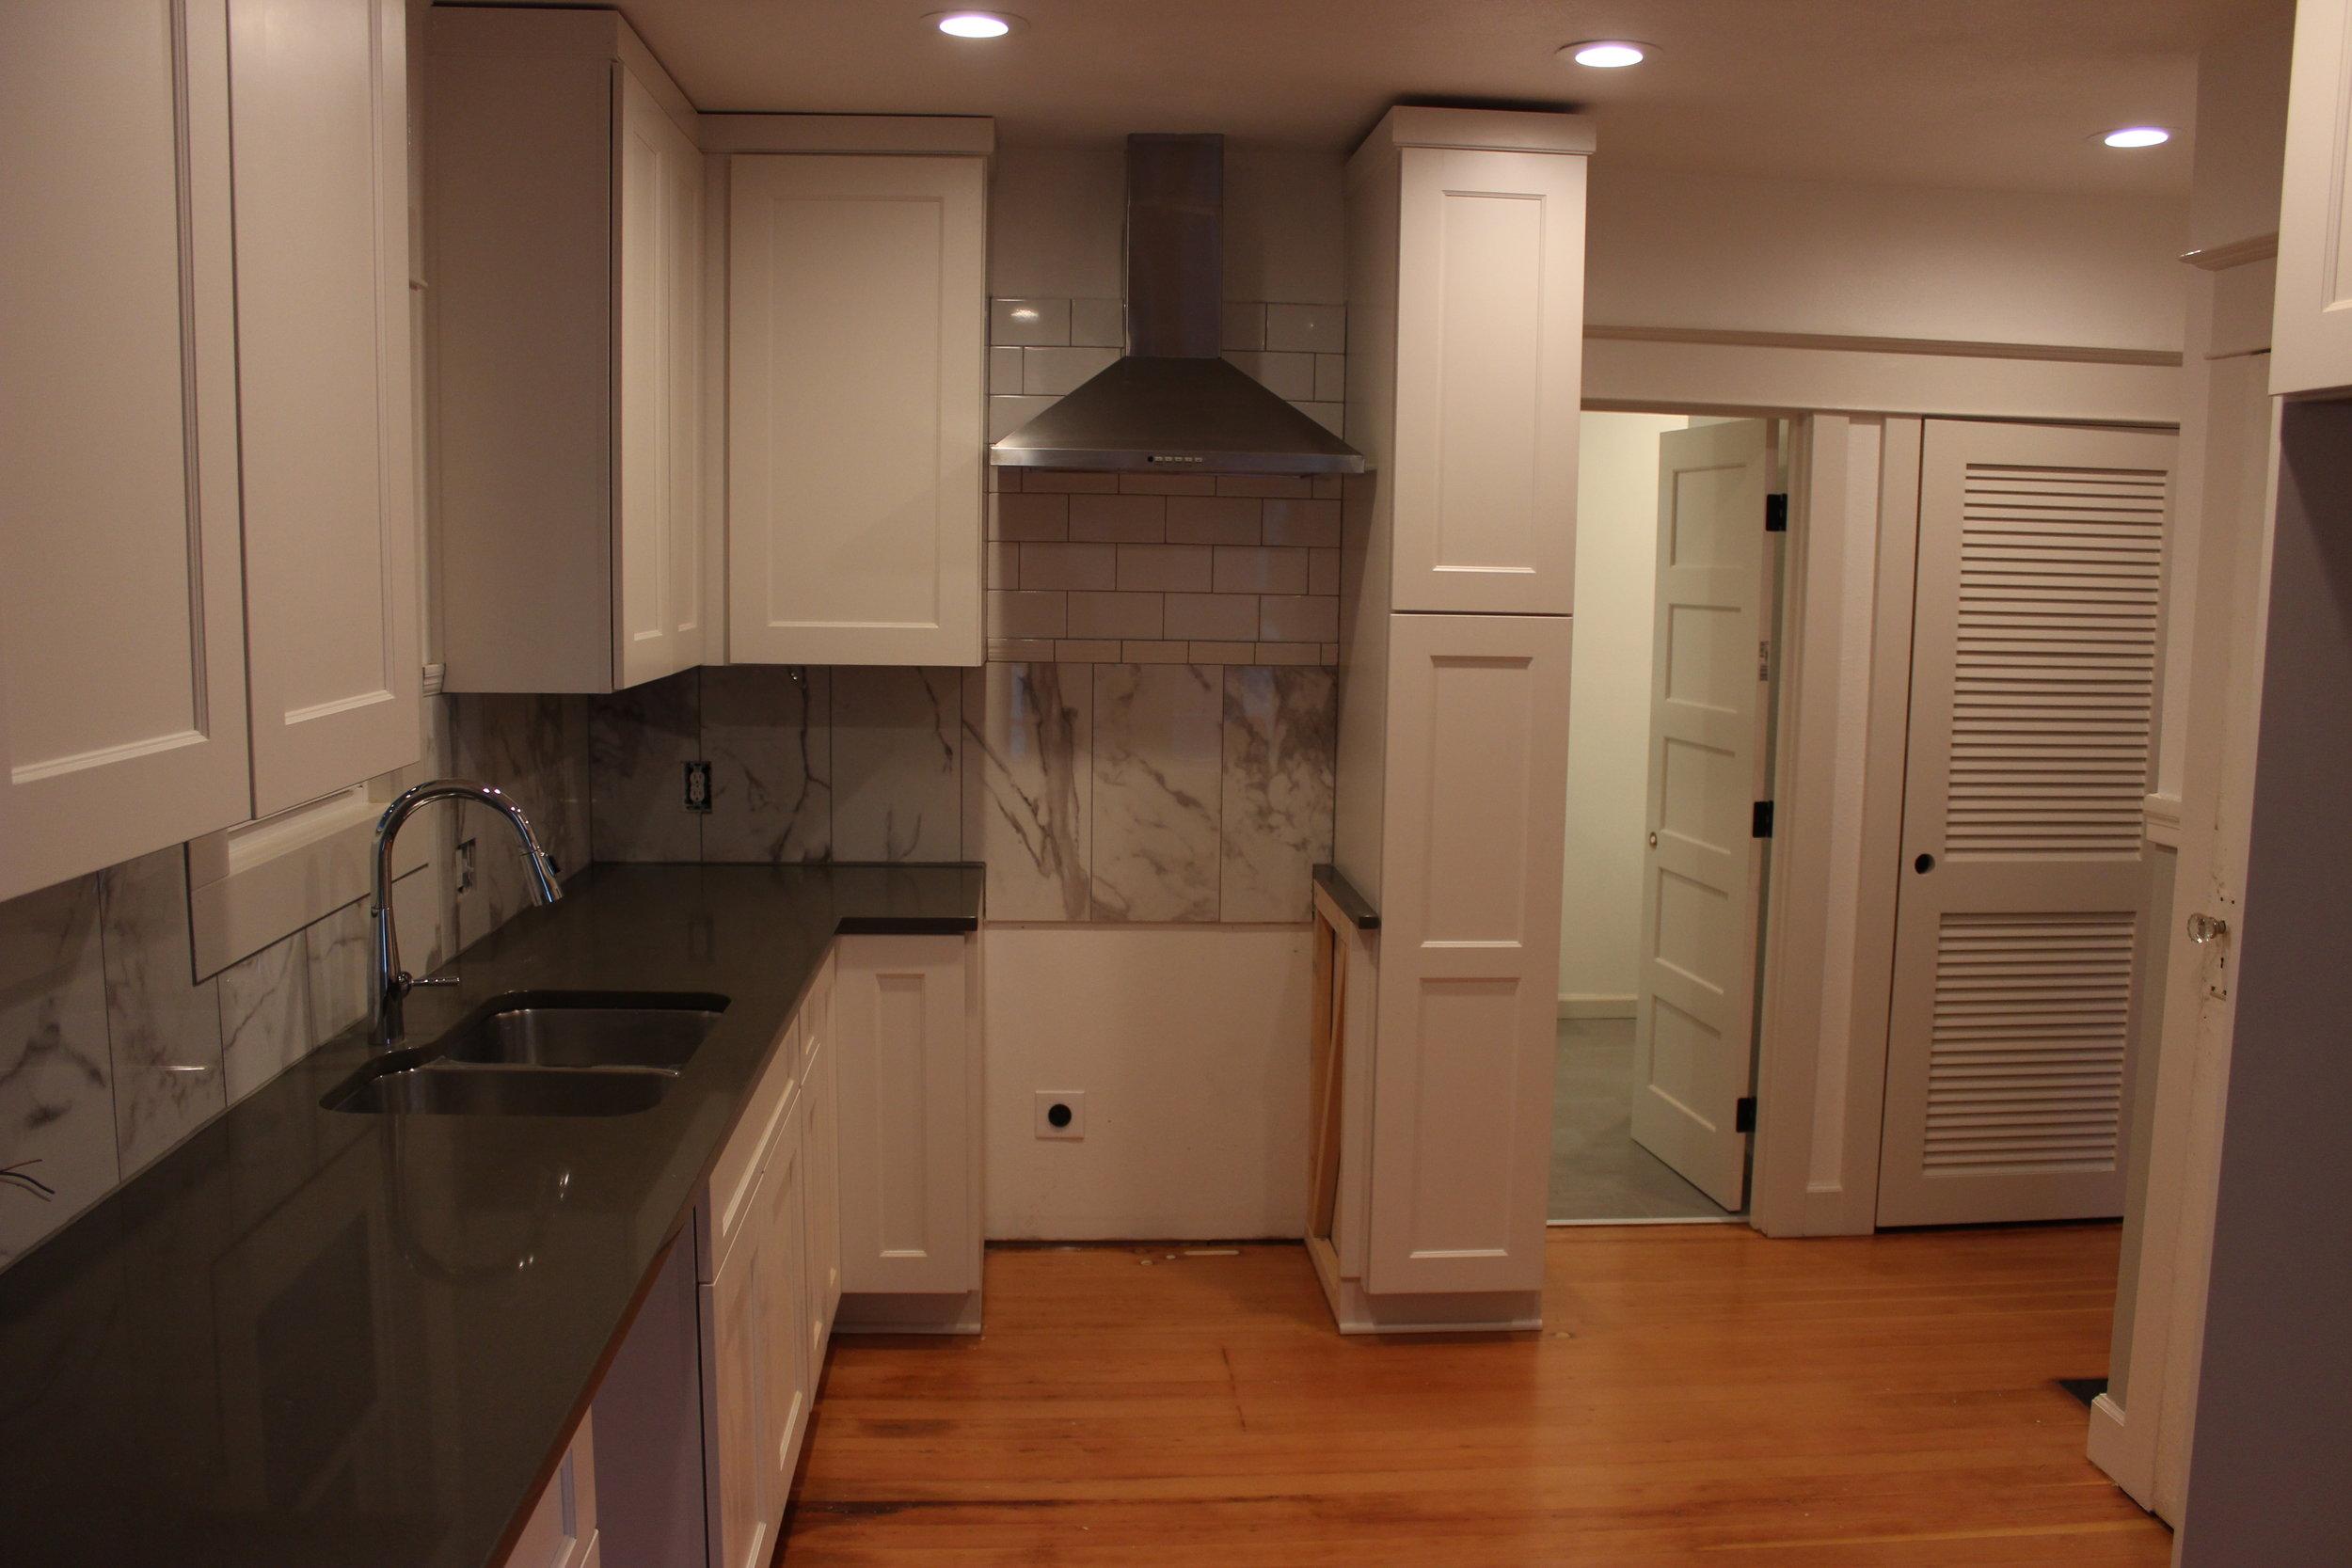 Kitchen-2-After.JPG